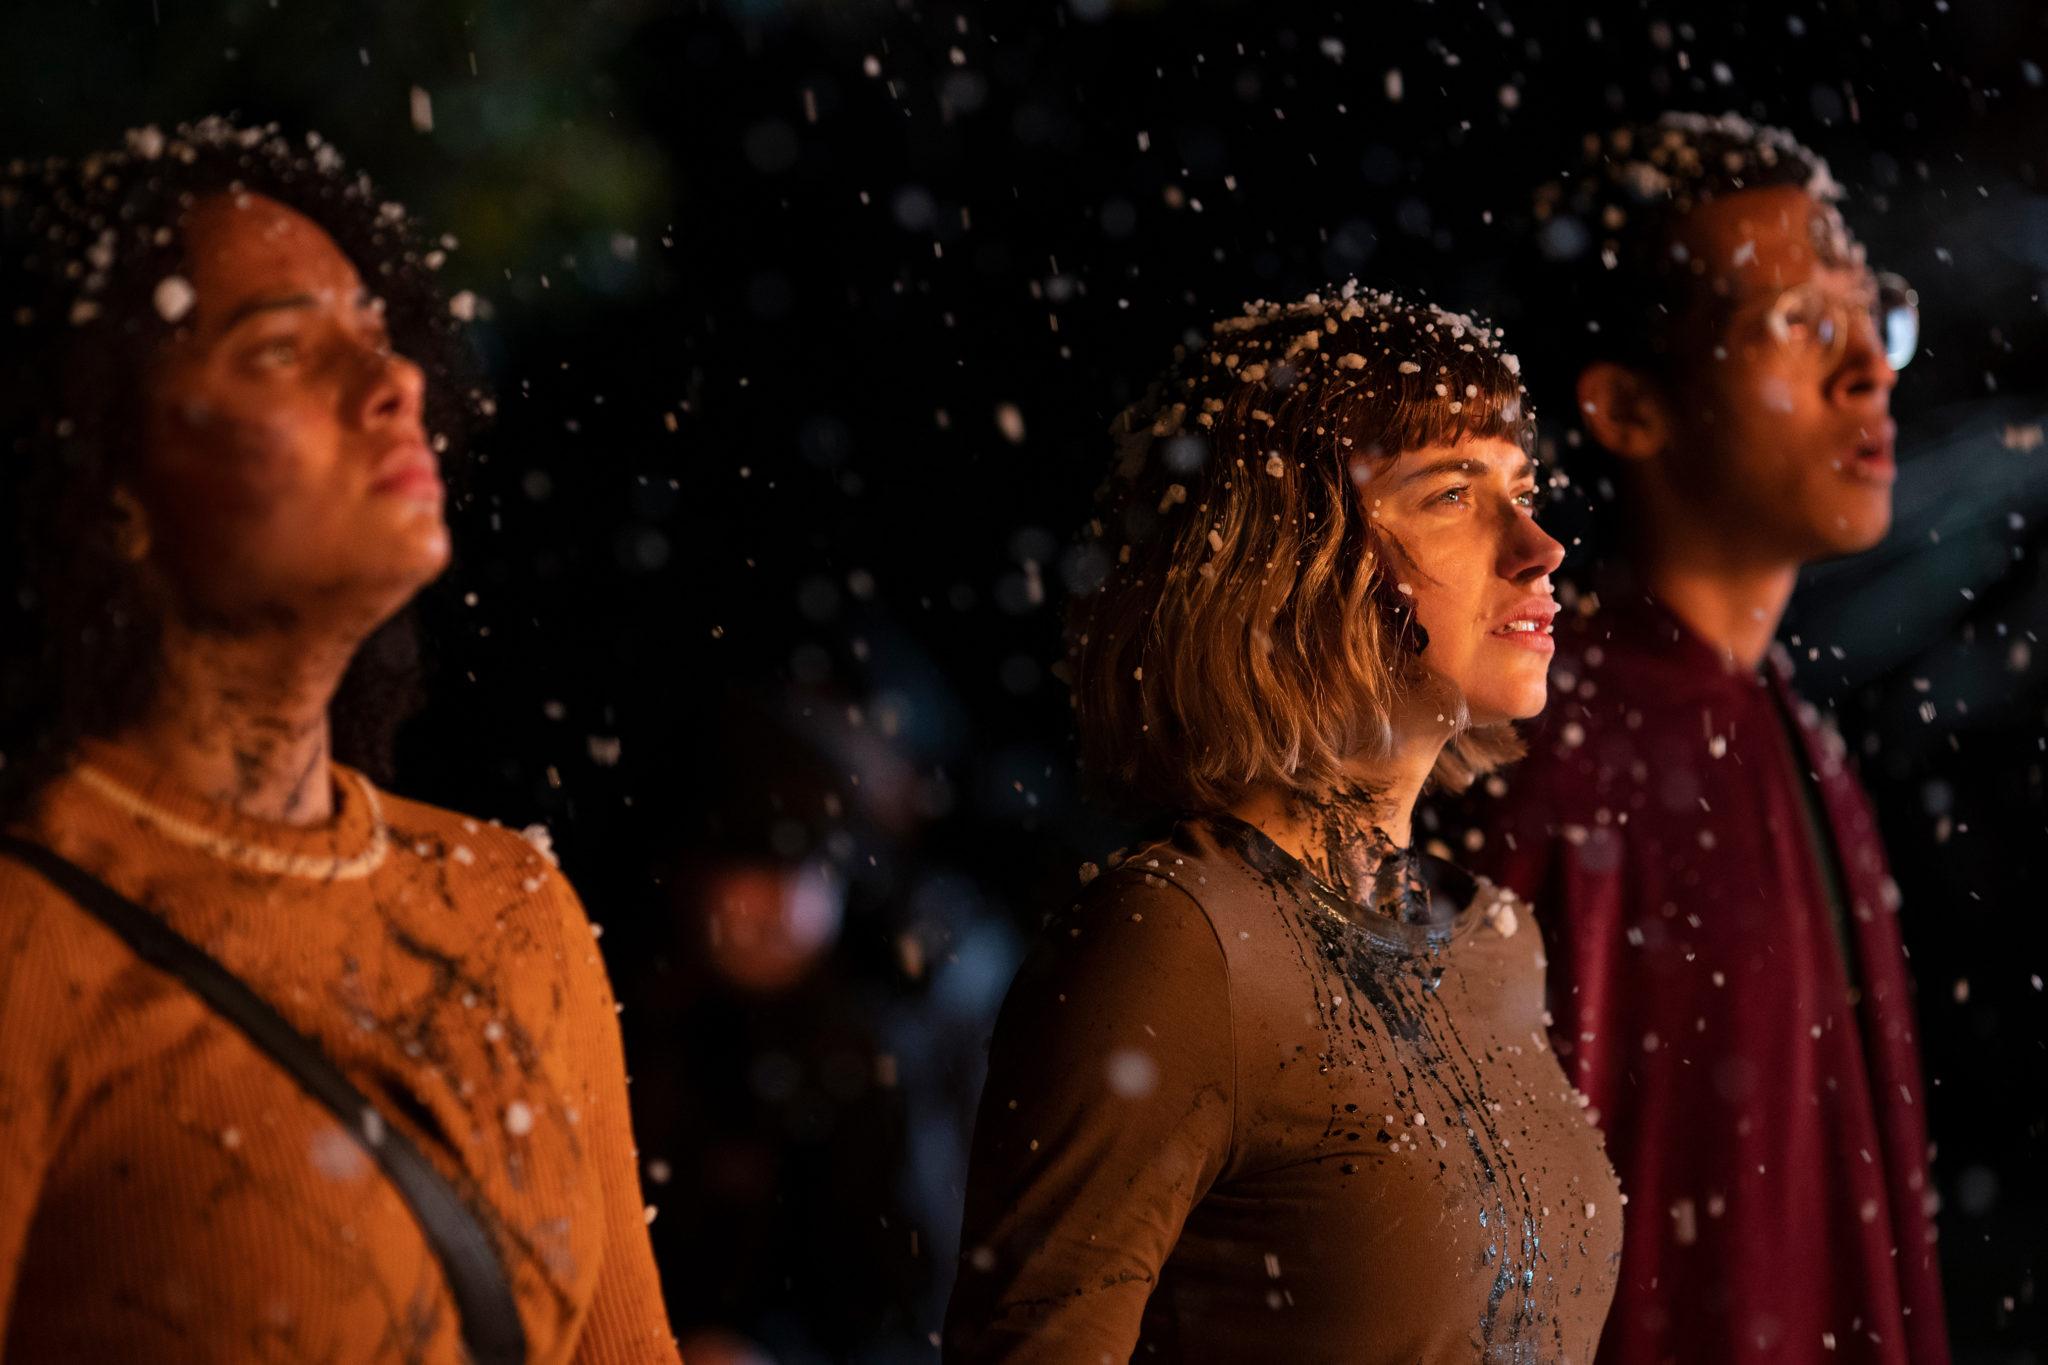 Kirs (links), Riley (mitte) und Landon (rechts) stehen blutverschmiert im Schnee und beobachten etwas. Sie werden hell durch eine Lichtquelle beleuchtet.